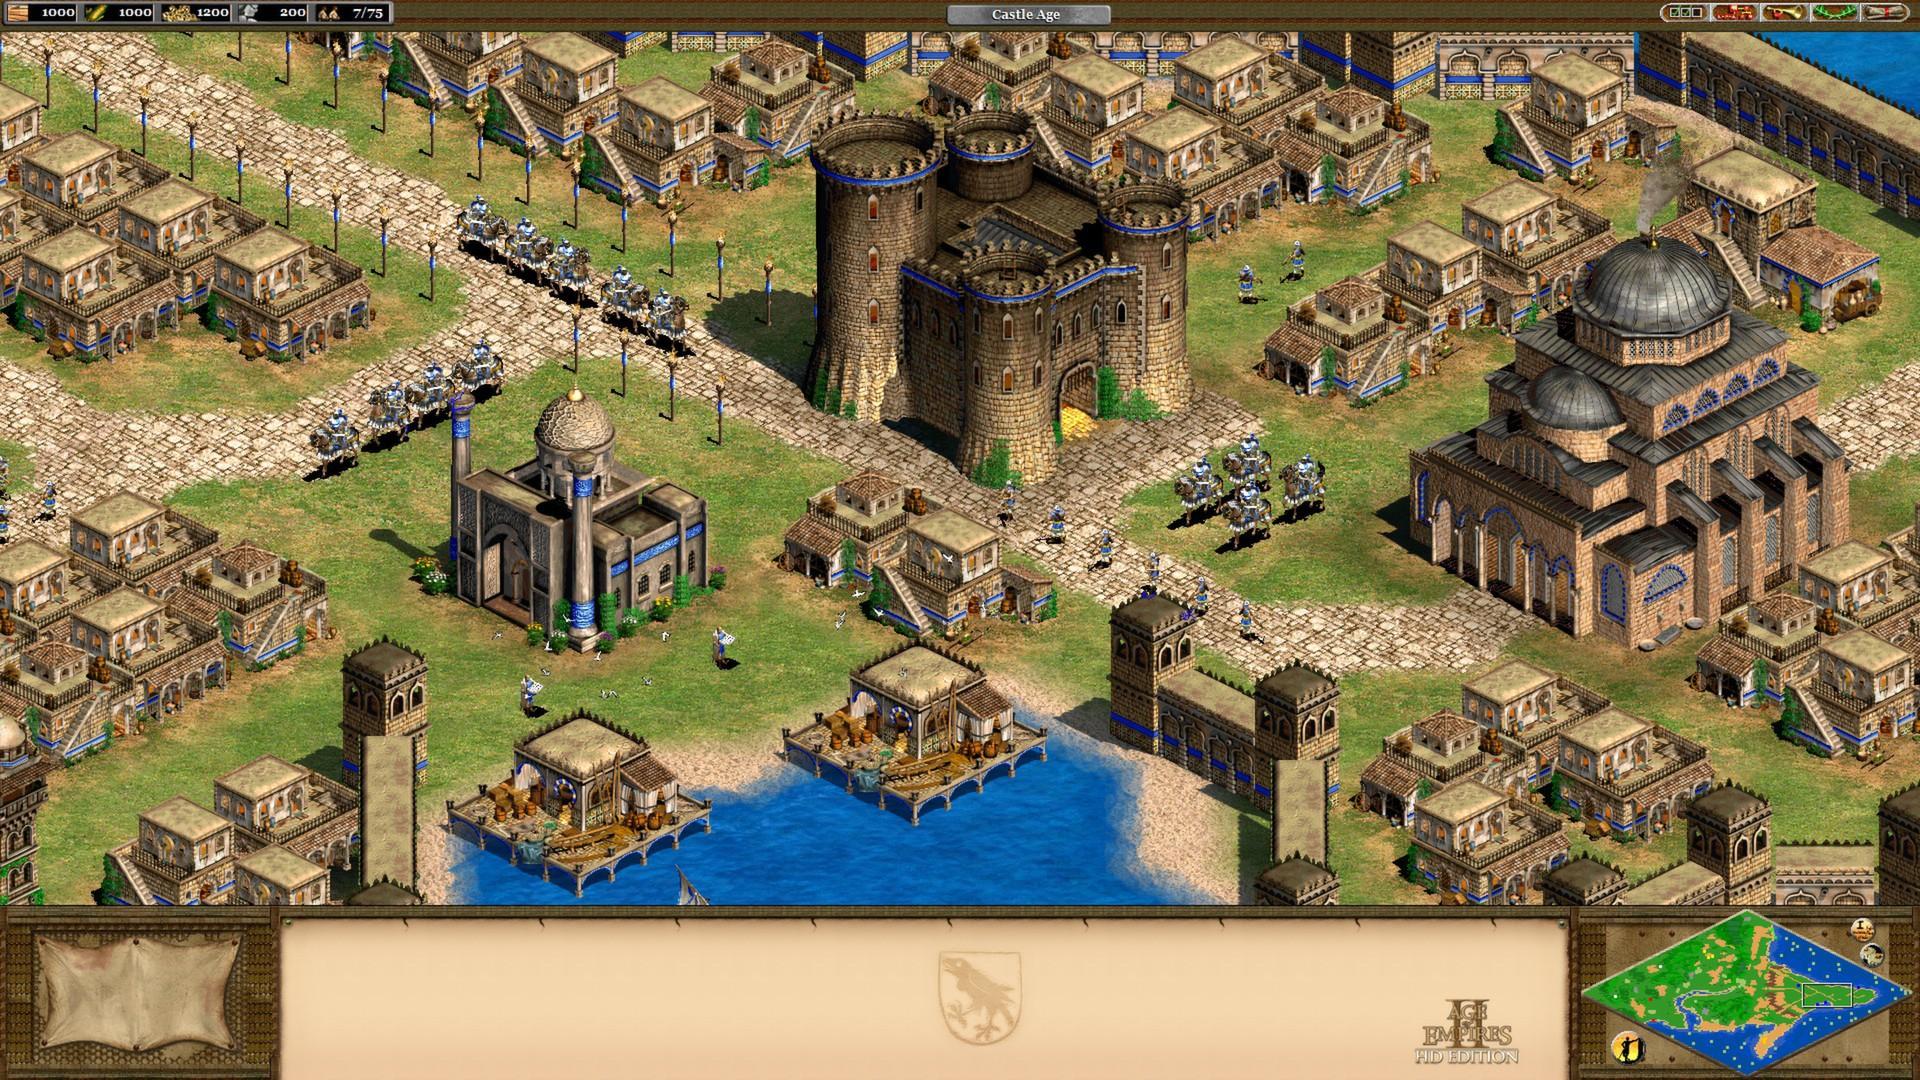 「age of empires」の画像検索結果